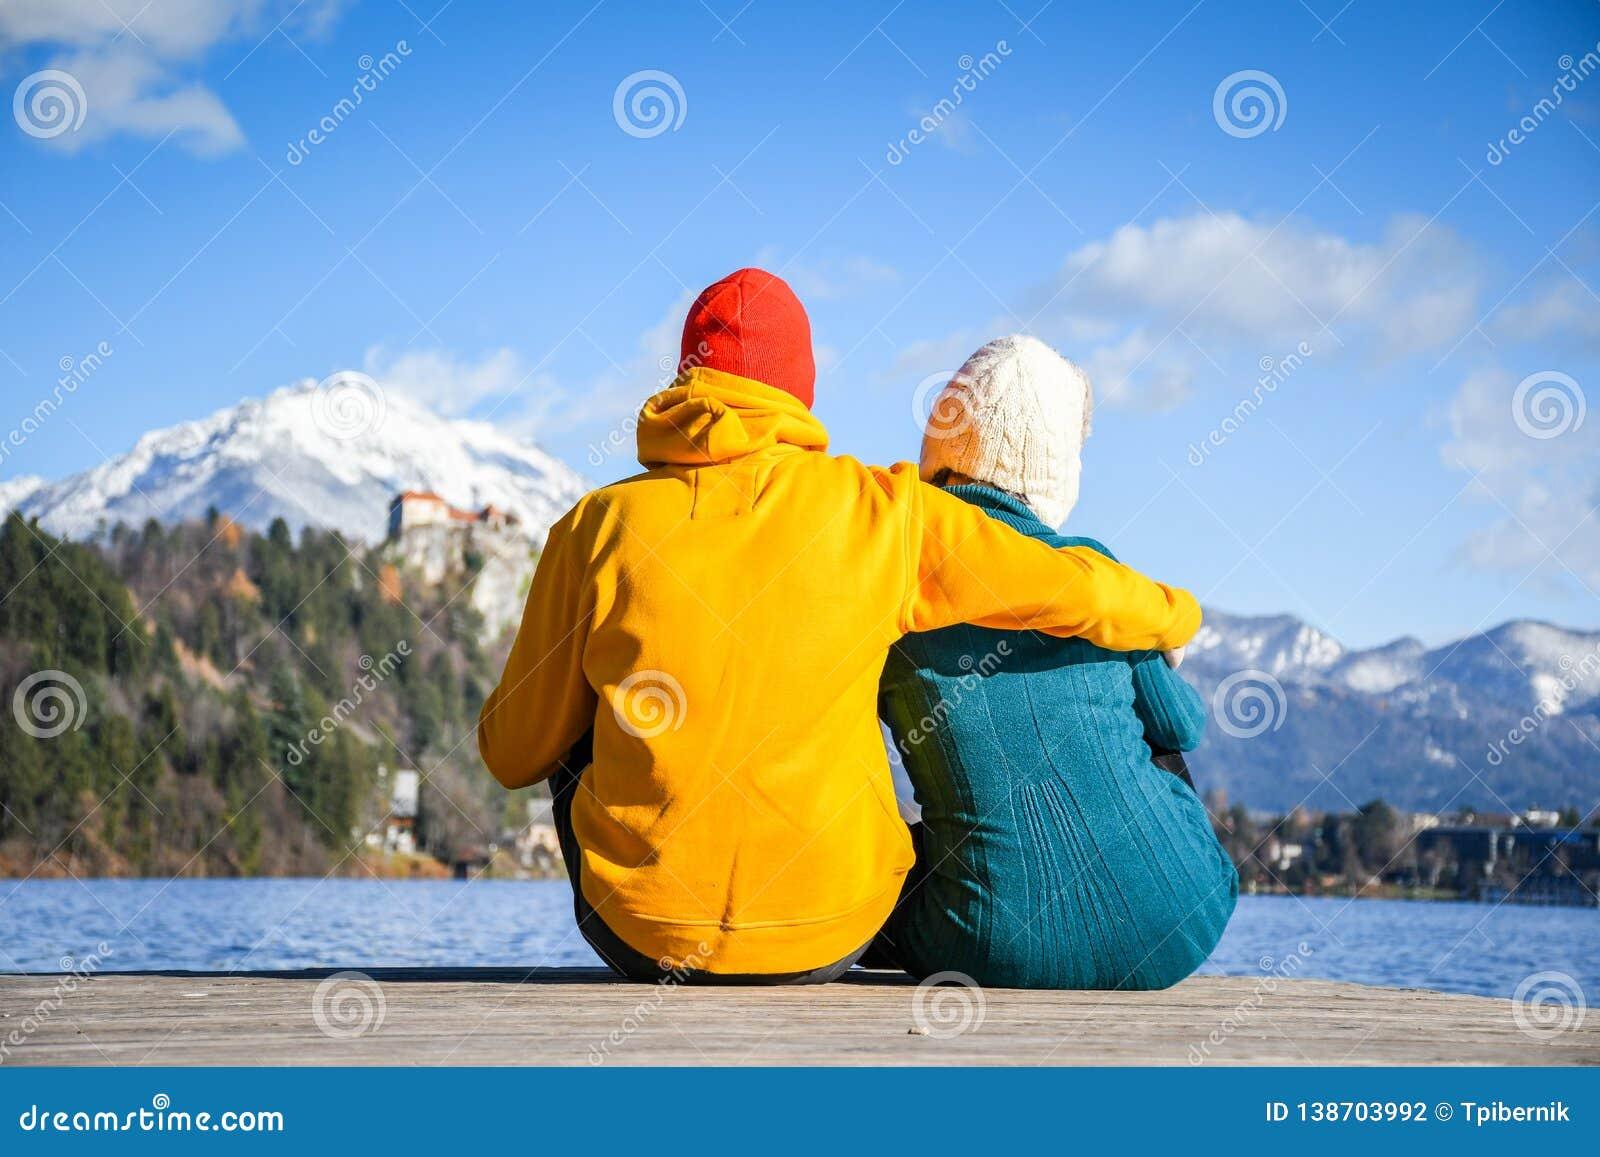 结合在拥抱与五颜六色的布料一起的爱和放松坐在清楚的天空晴朗的冬日图fr的一个木码头